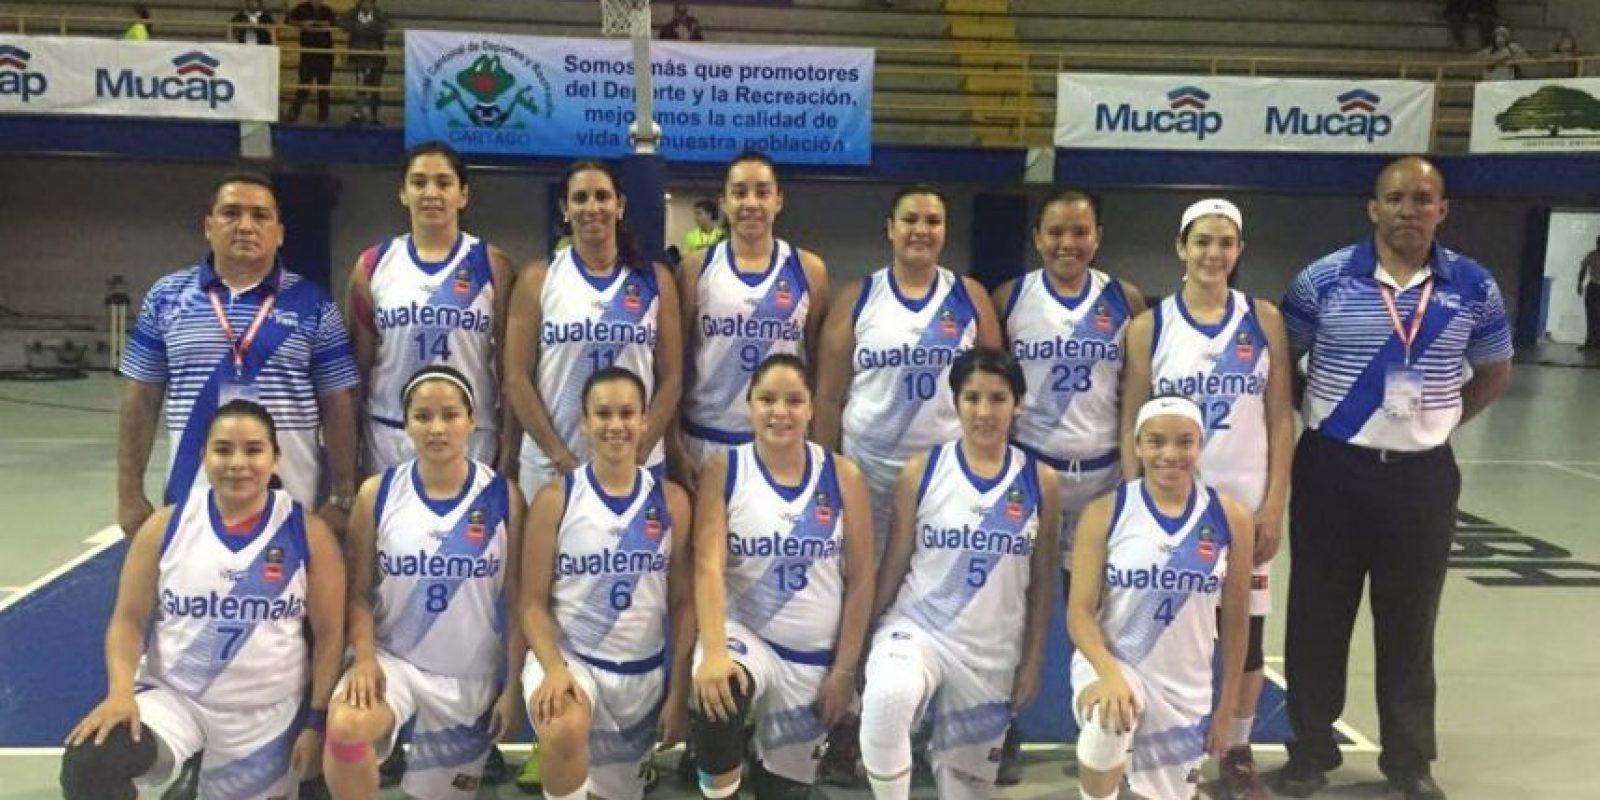 El quinteto nacional celebró sobre la duela su primera victoria en el certamen. Foto:Federación de Baloncesto de Guatemala